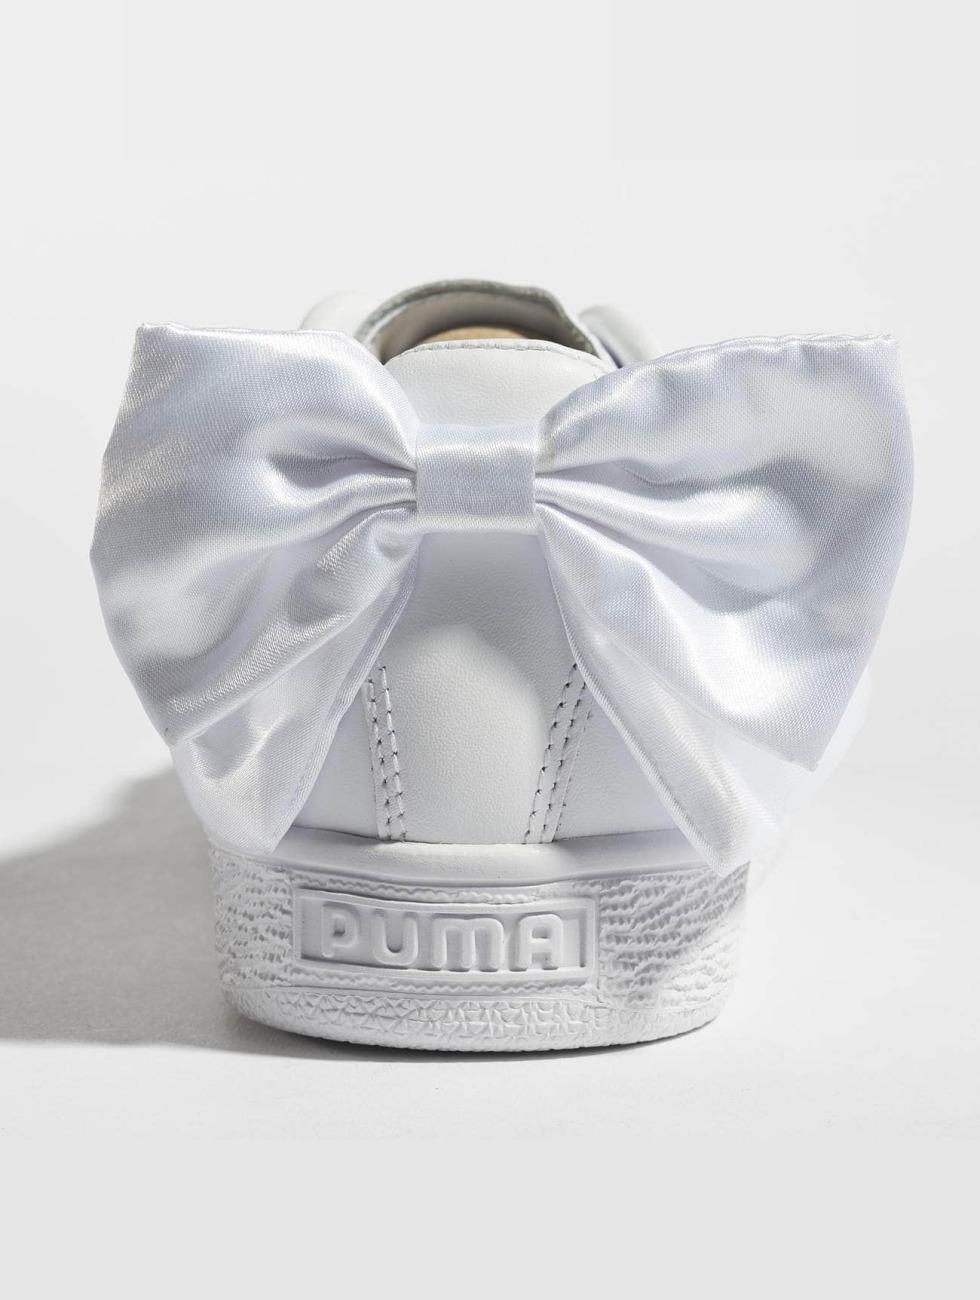 Aaa Kwaliteit Discount Winkel Puma schoen / sneaker Basket Bow in wit 425797 LpdHIsg